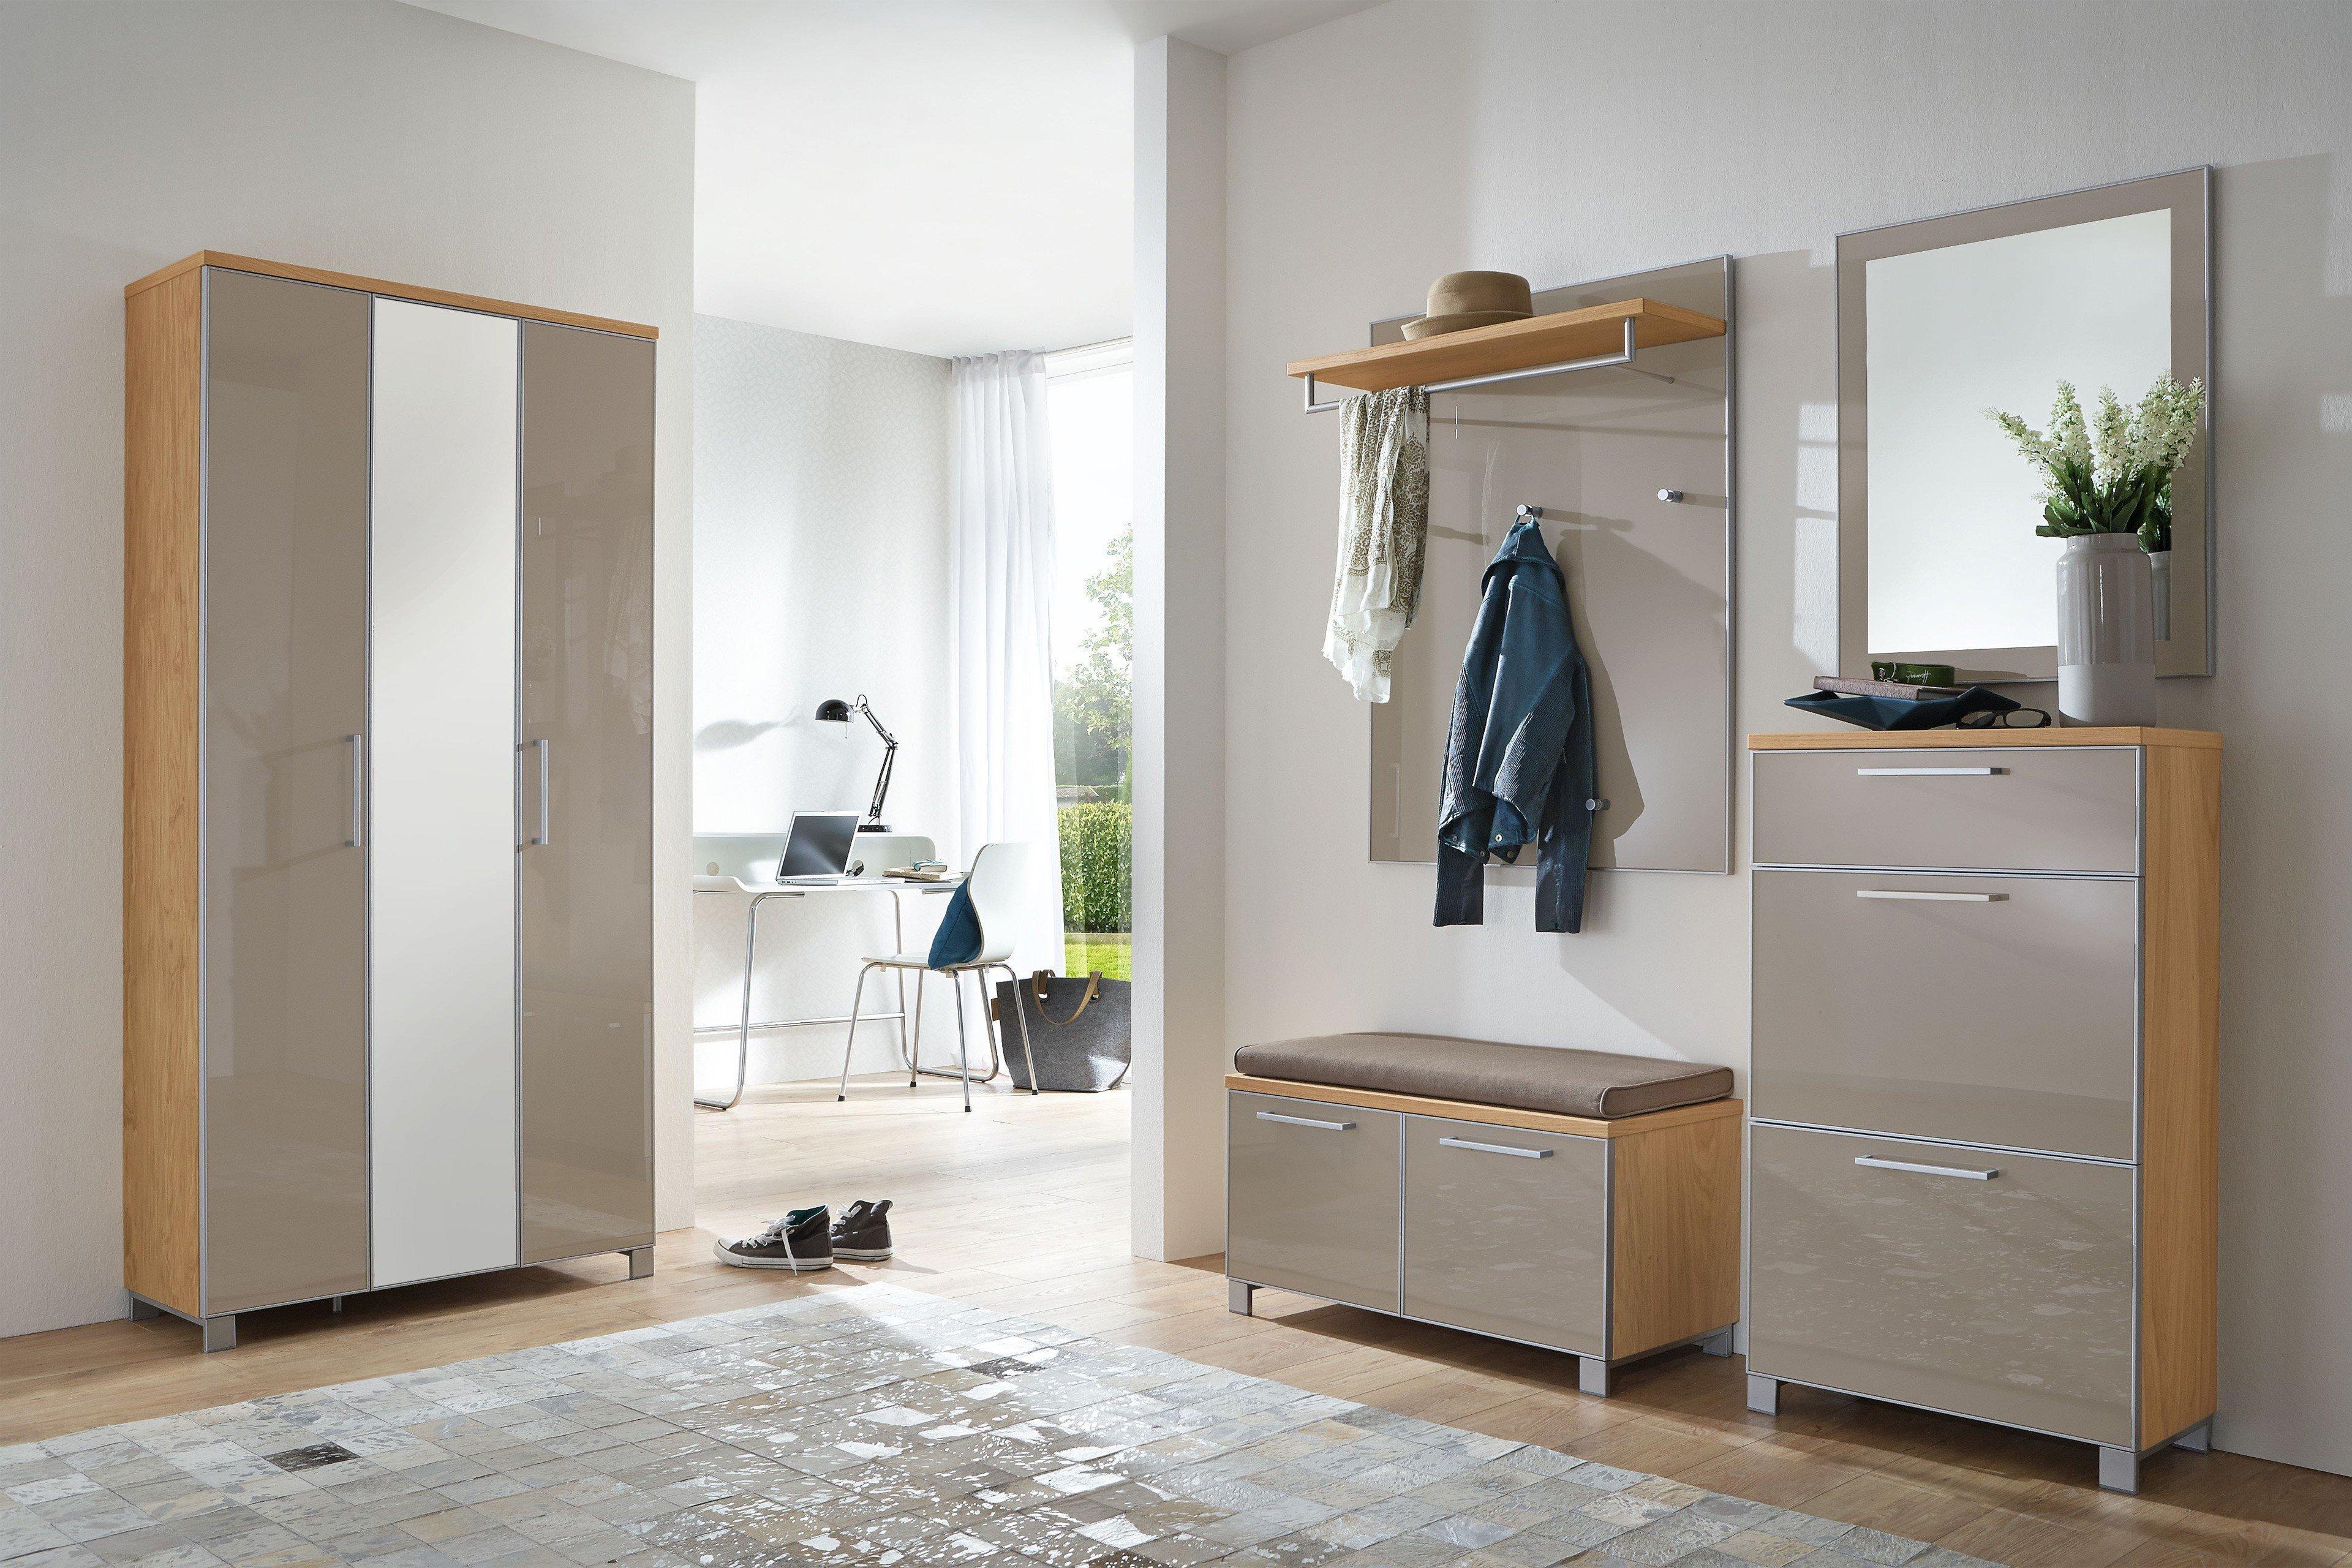 voss garderobe santina eiche bianco und taupe m bel letz ihr online shop. Black Bedroom Furniture Sets. Home Design Ideas